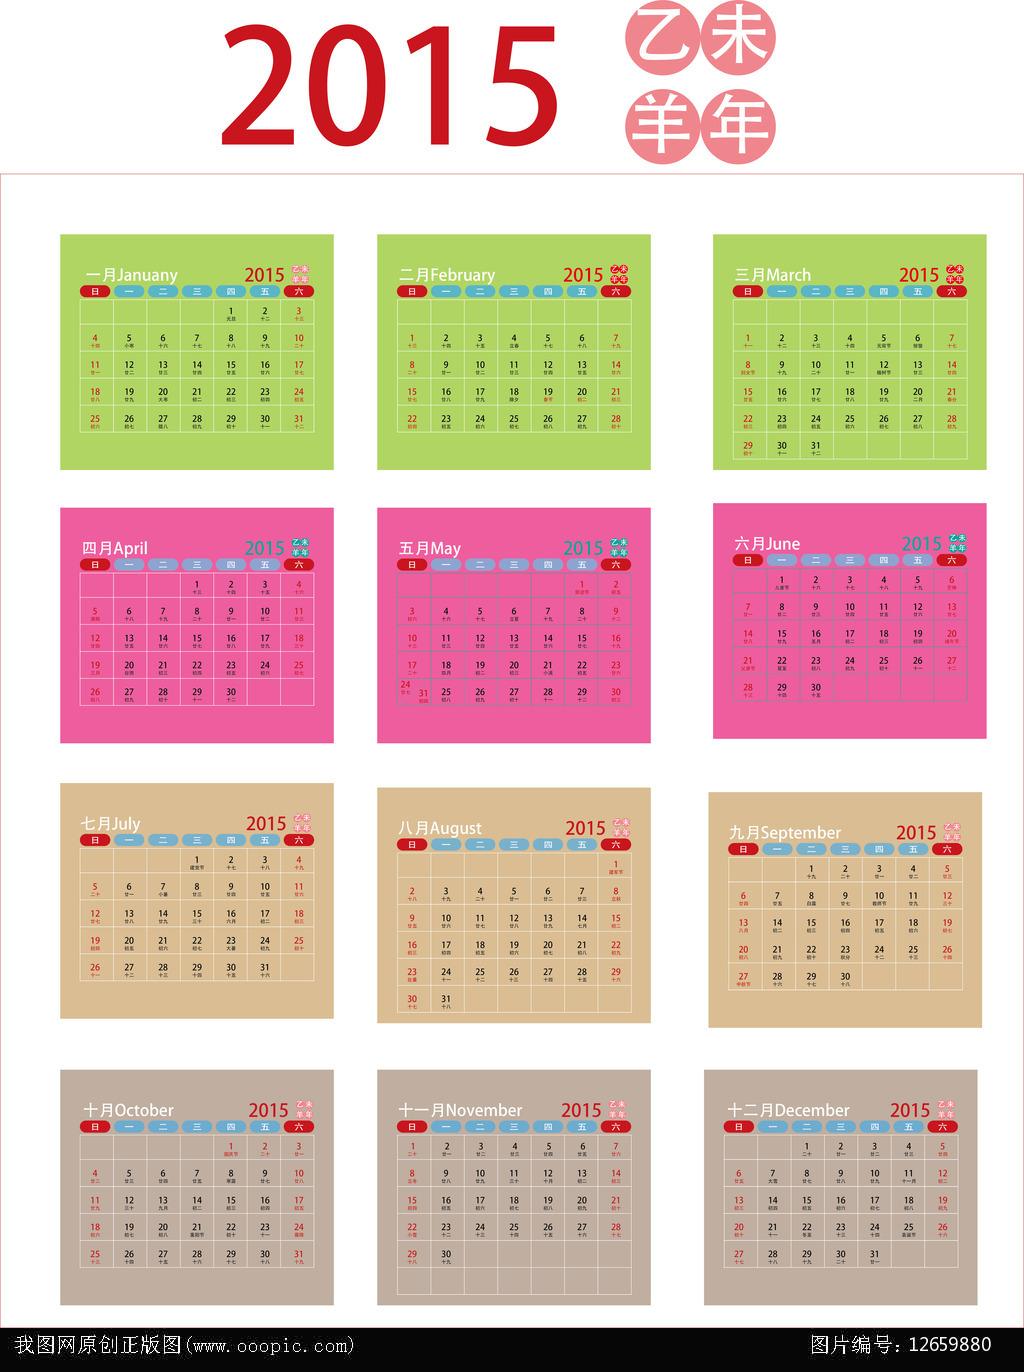 2015羊年挂历日历农历模板设计图片